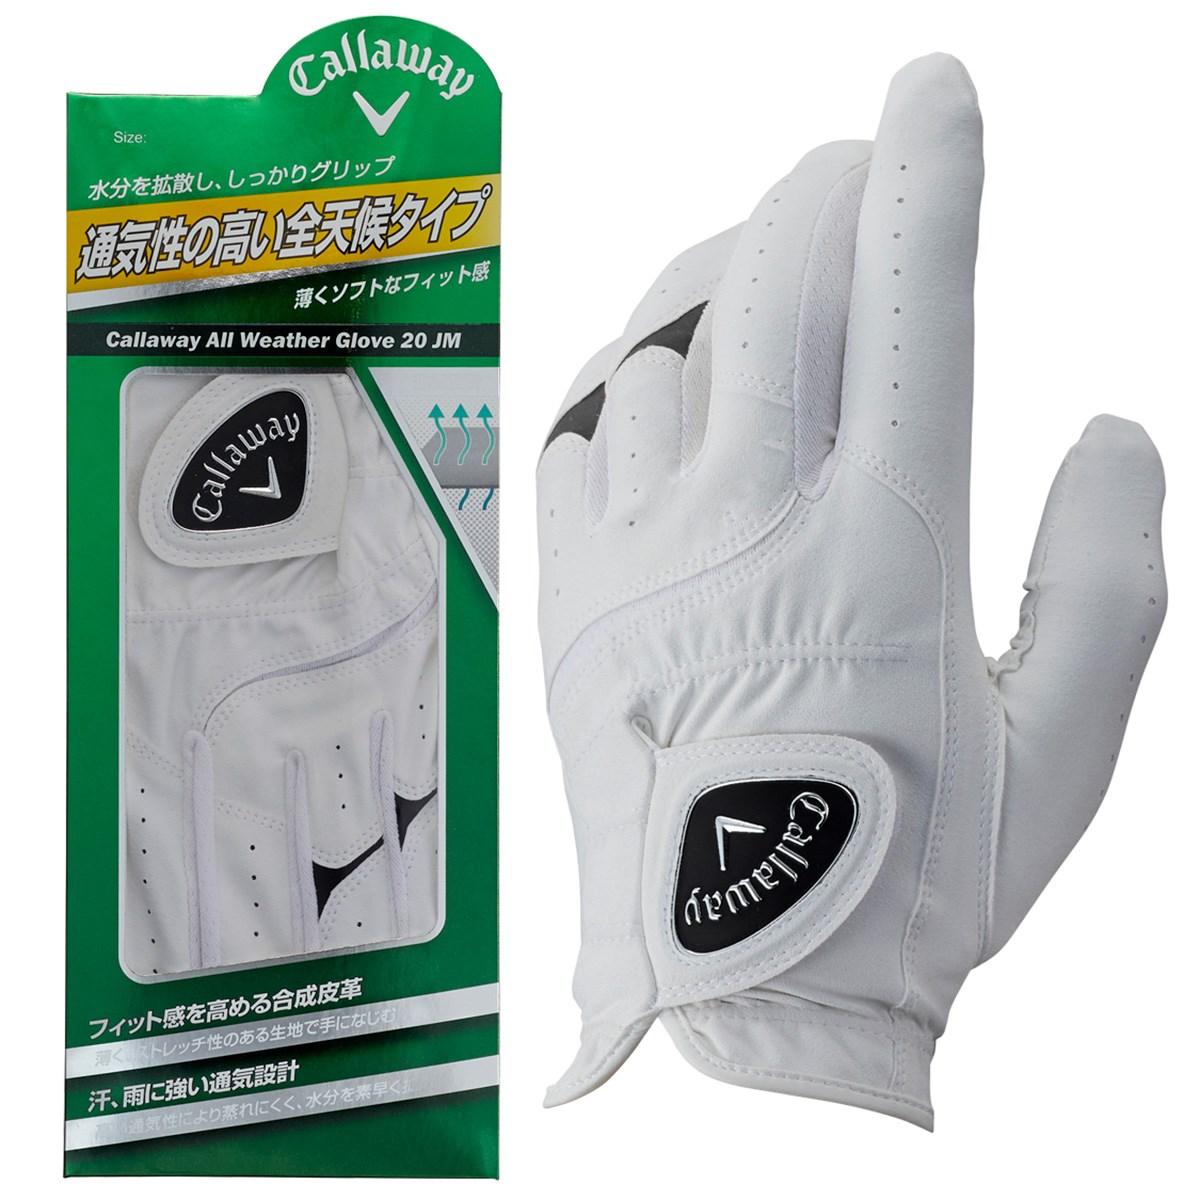 キャロウェイゴルフ Callaway Golf ALL WEATHER JM グローブ 21cm 左手着用(右利き用) ホワイト